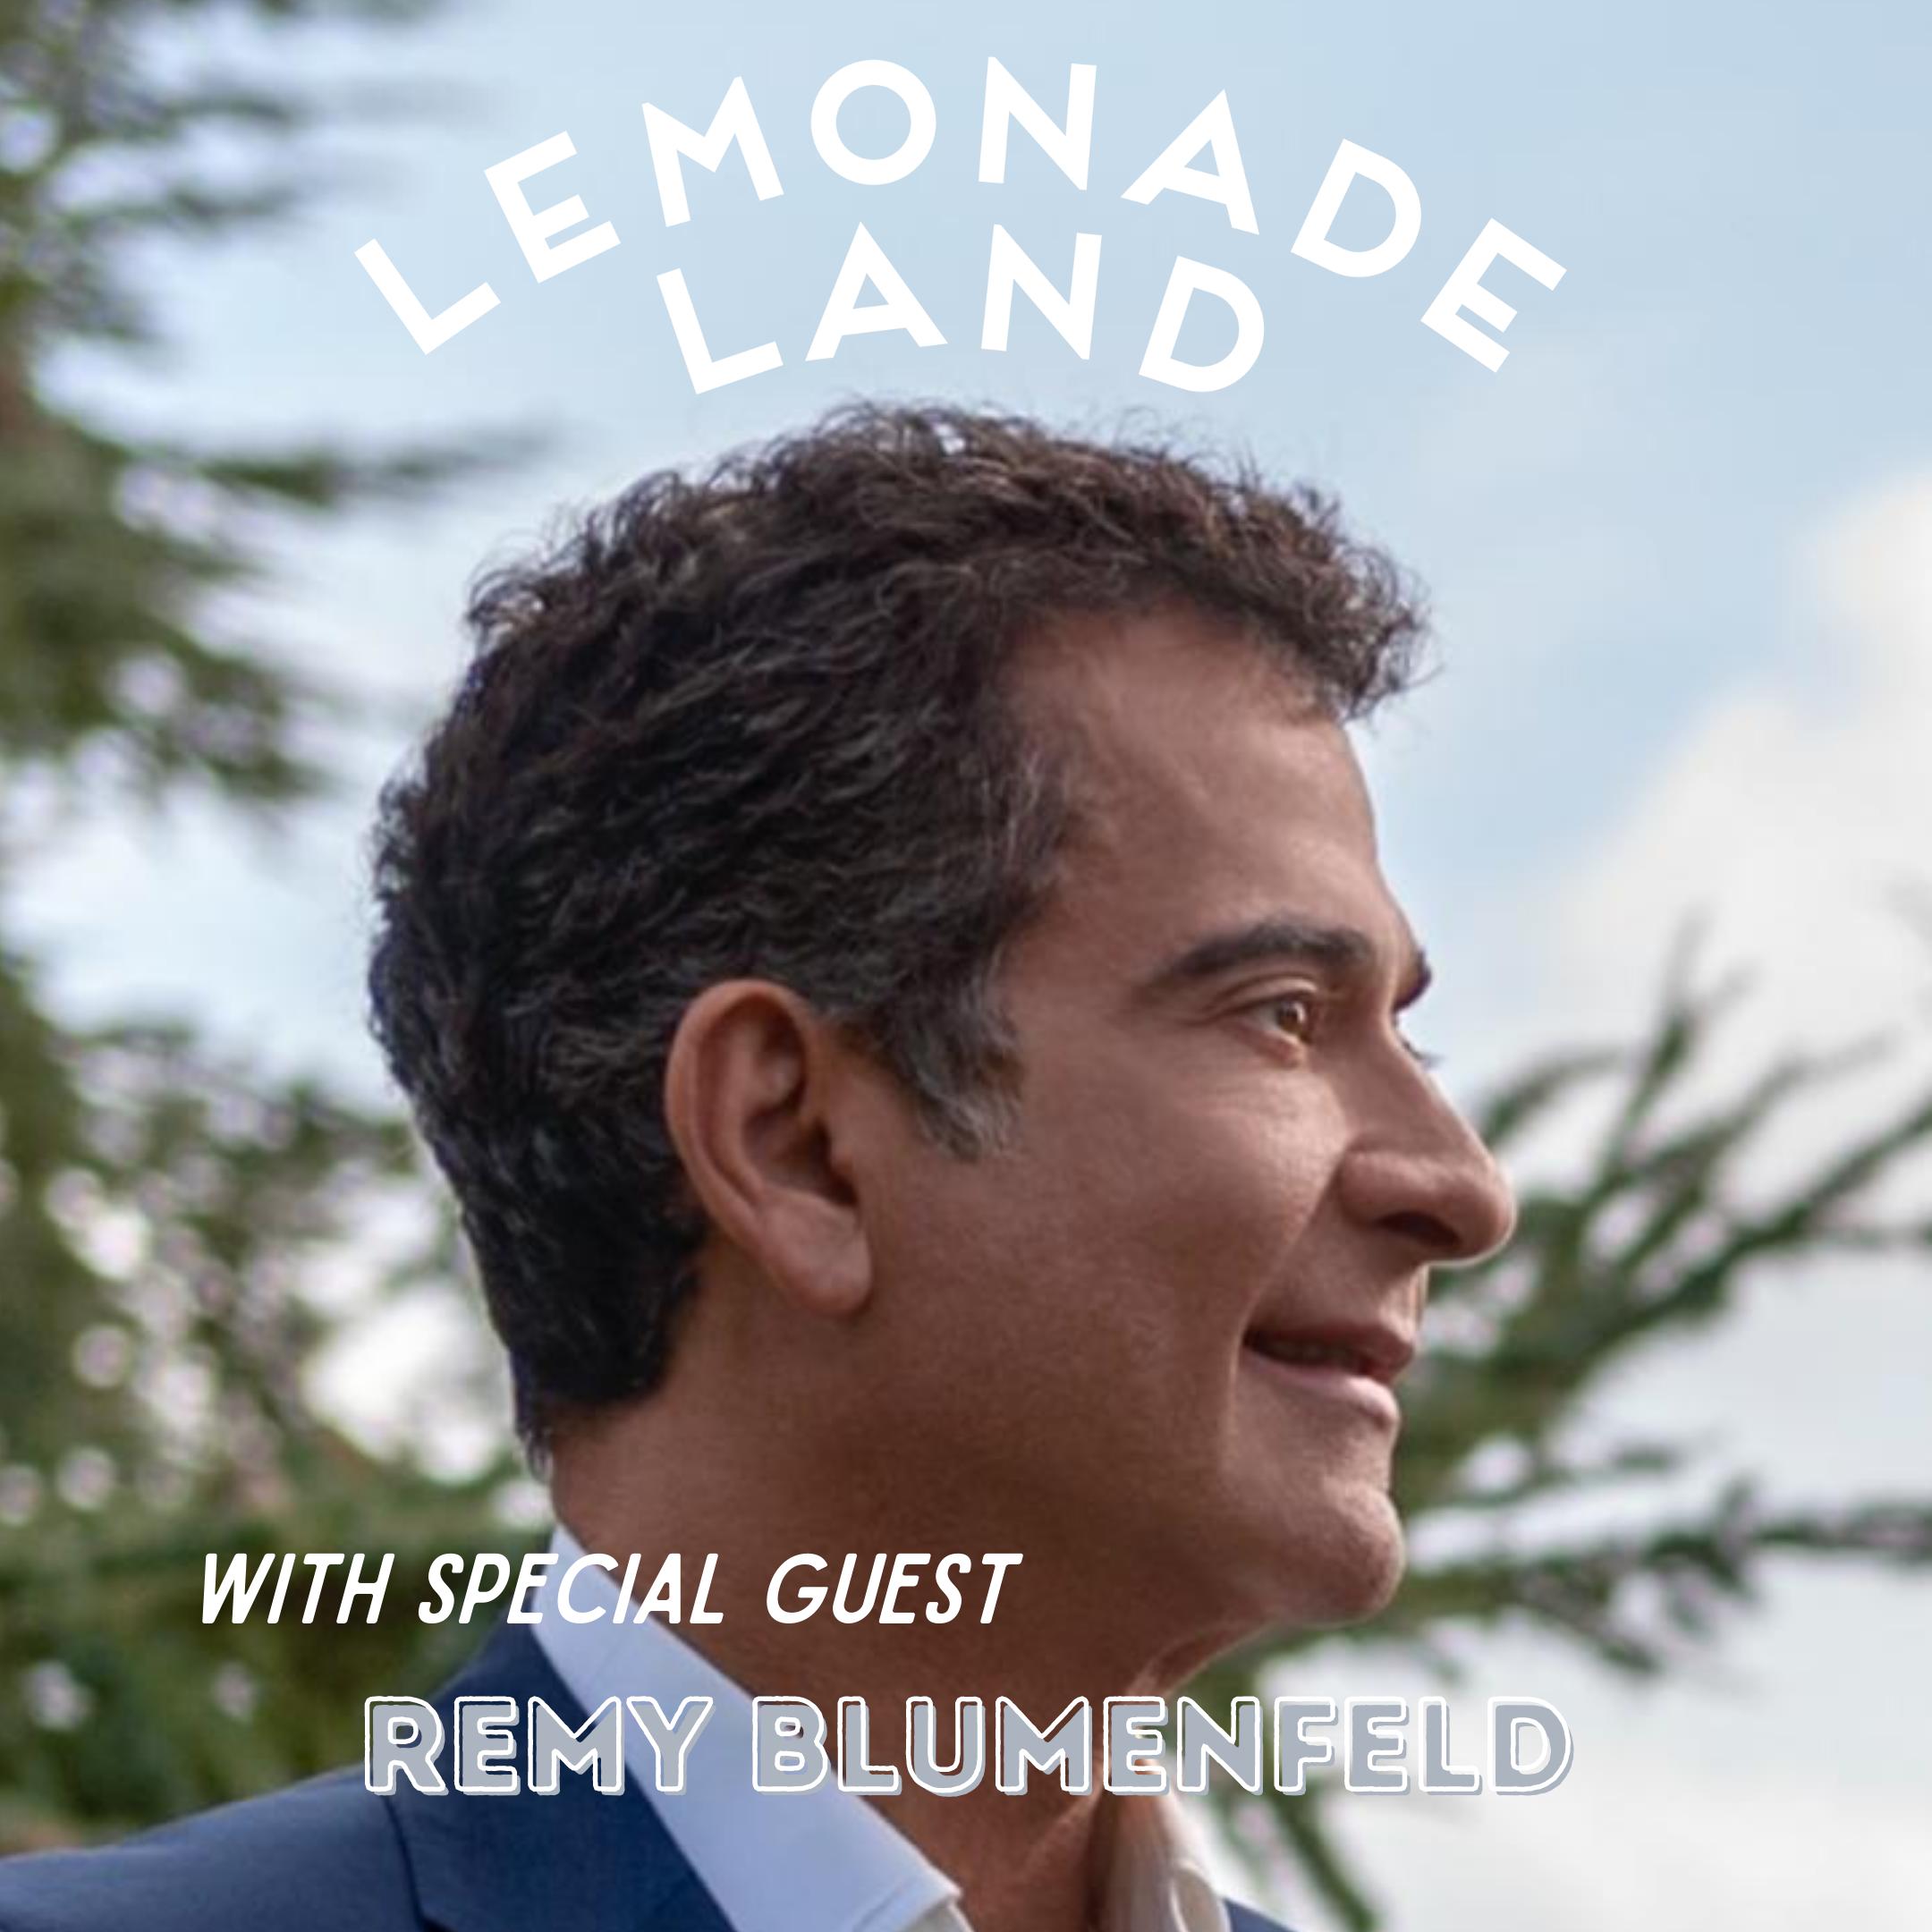 Remy Blumenfeld